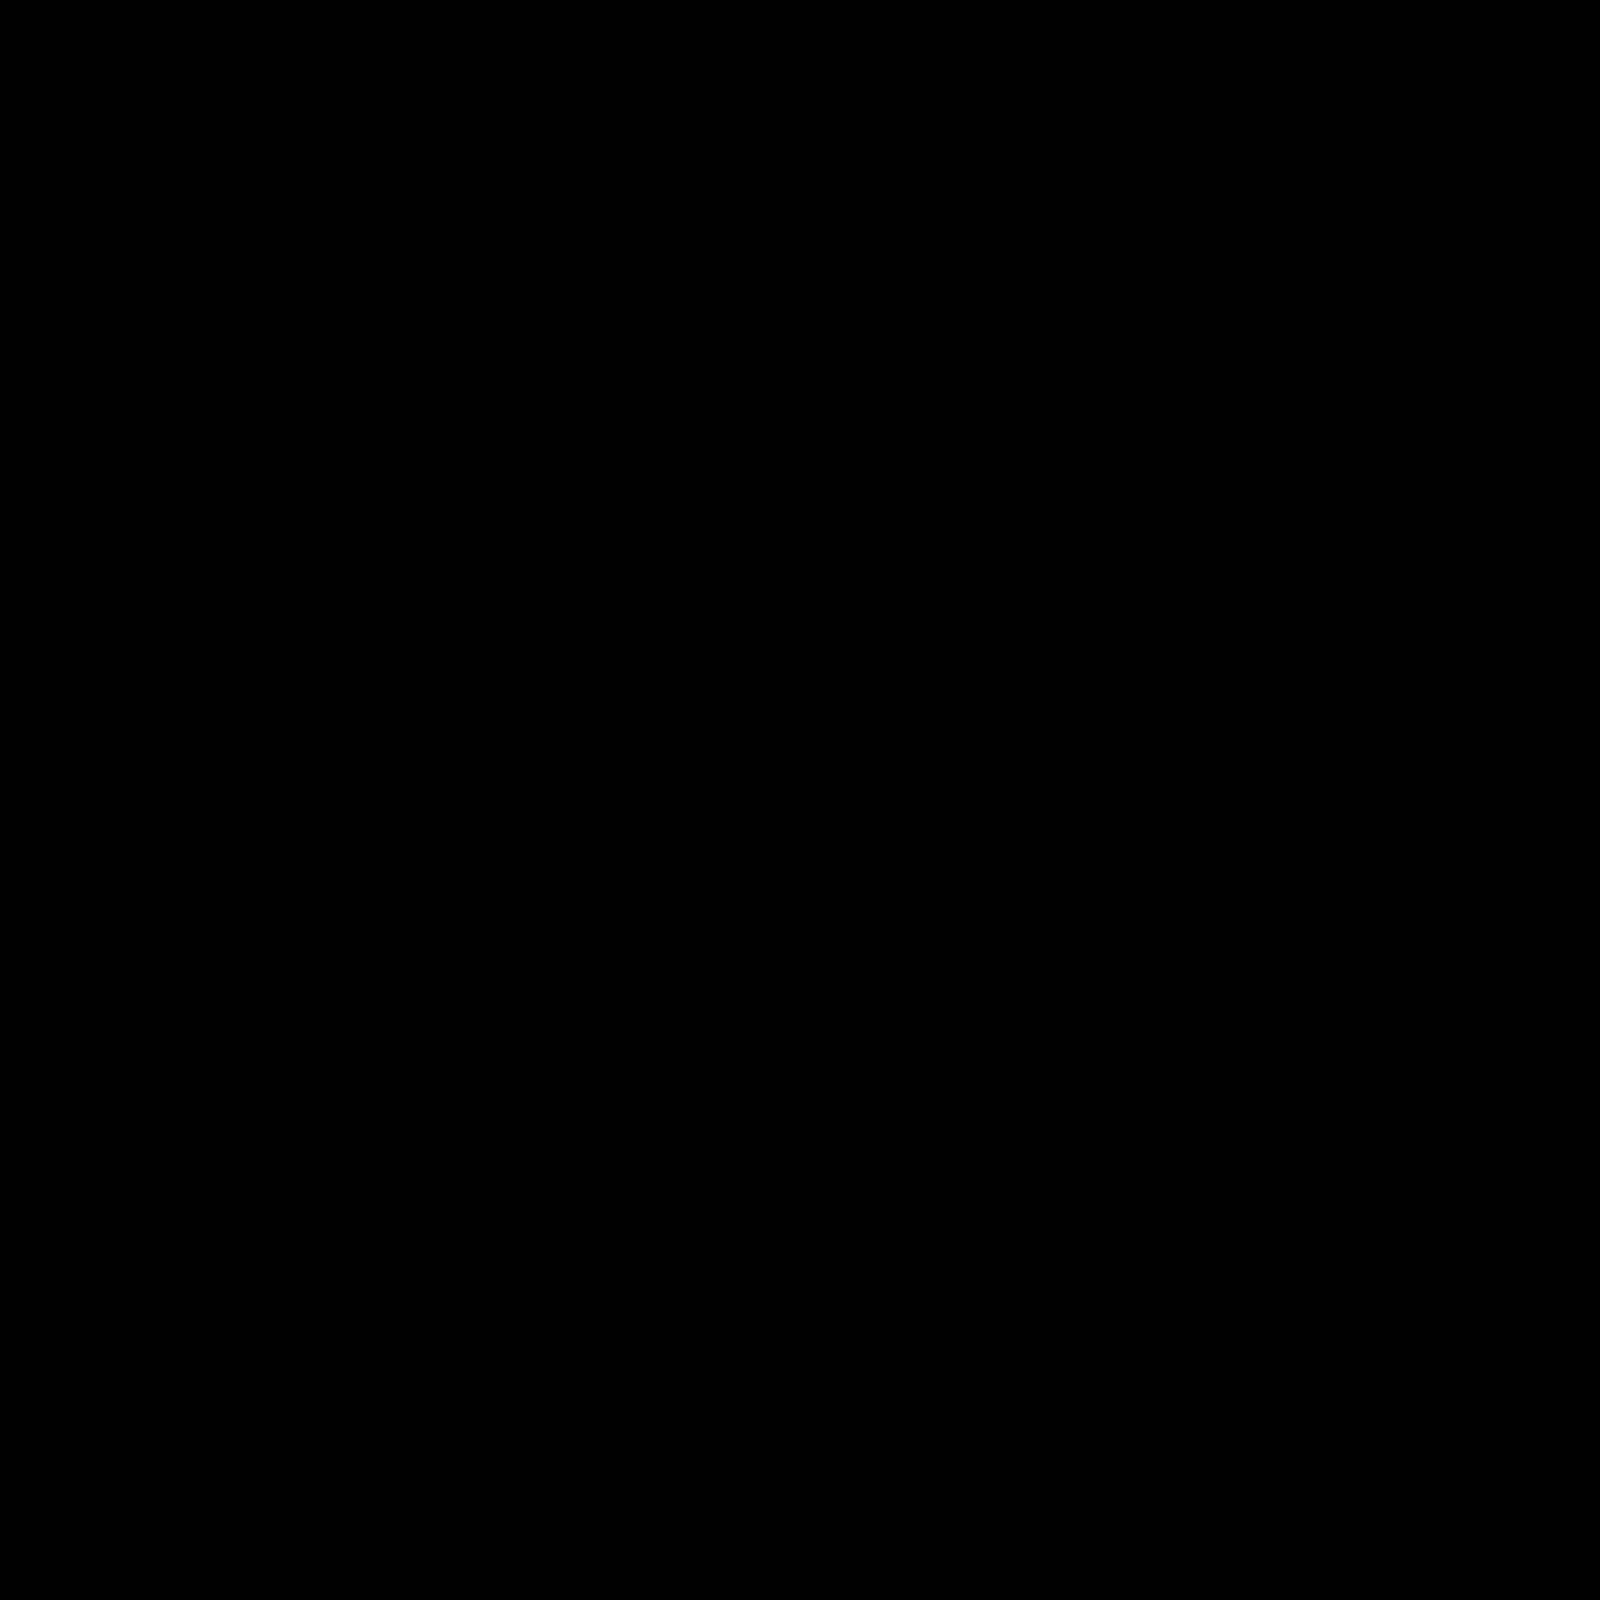 圣诞老人 icon. This particular icon features a curvy shape that resembles a face with a beard. It has two black dots that look like eyes. It has a shape on top that looks like a santa hat.